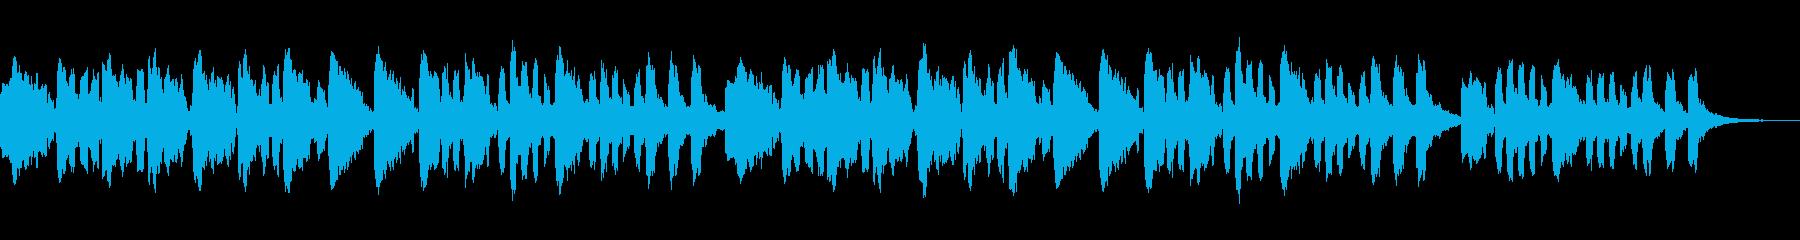 オカリナ・アコースティックギター子守唄の再生済みの波形